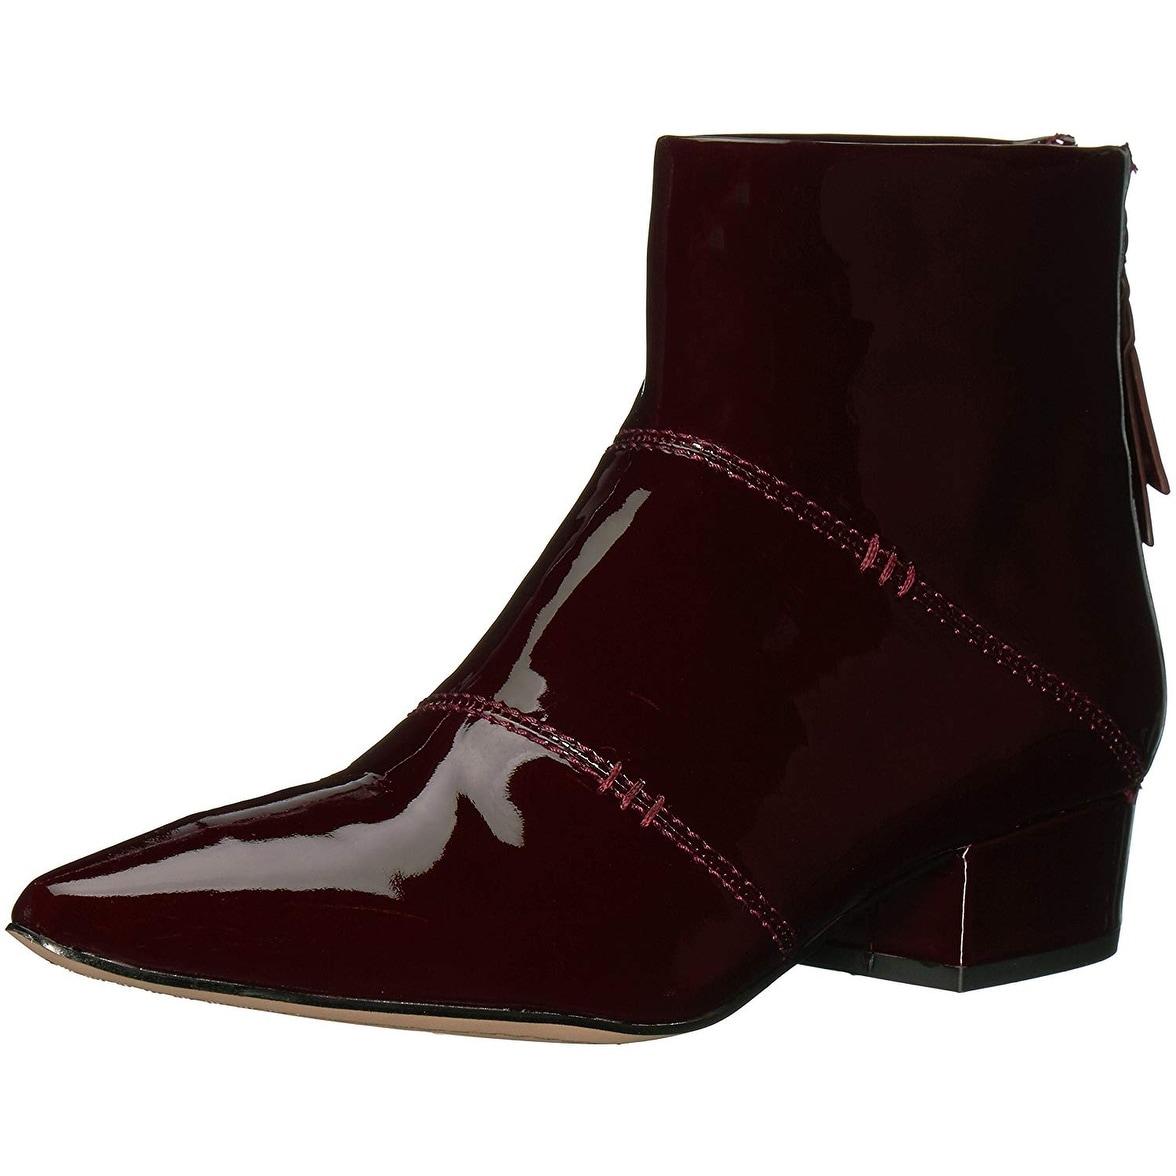 75744901445d Buy Splendid Women s Boots Online at Overstock